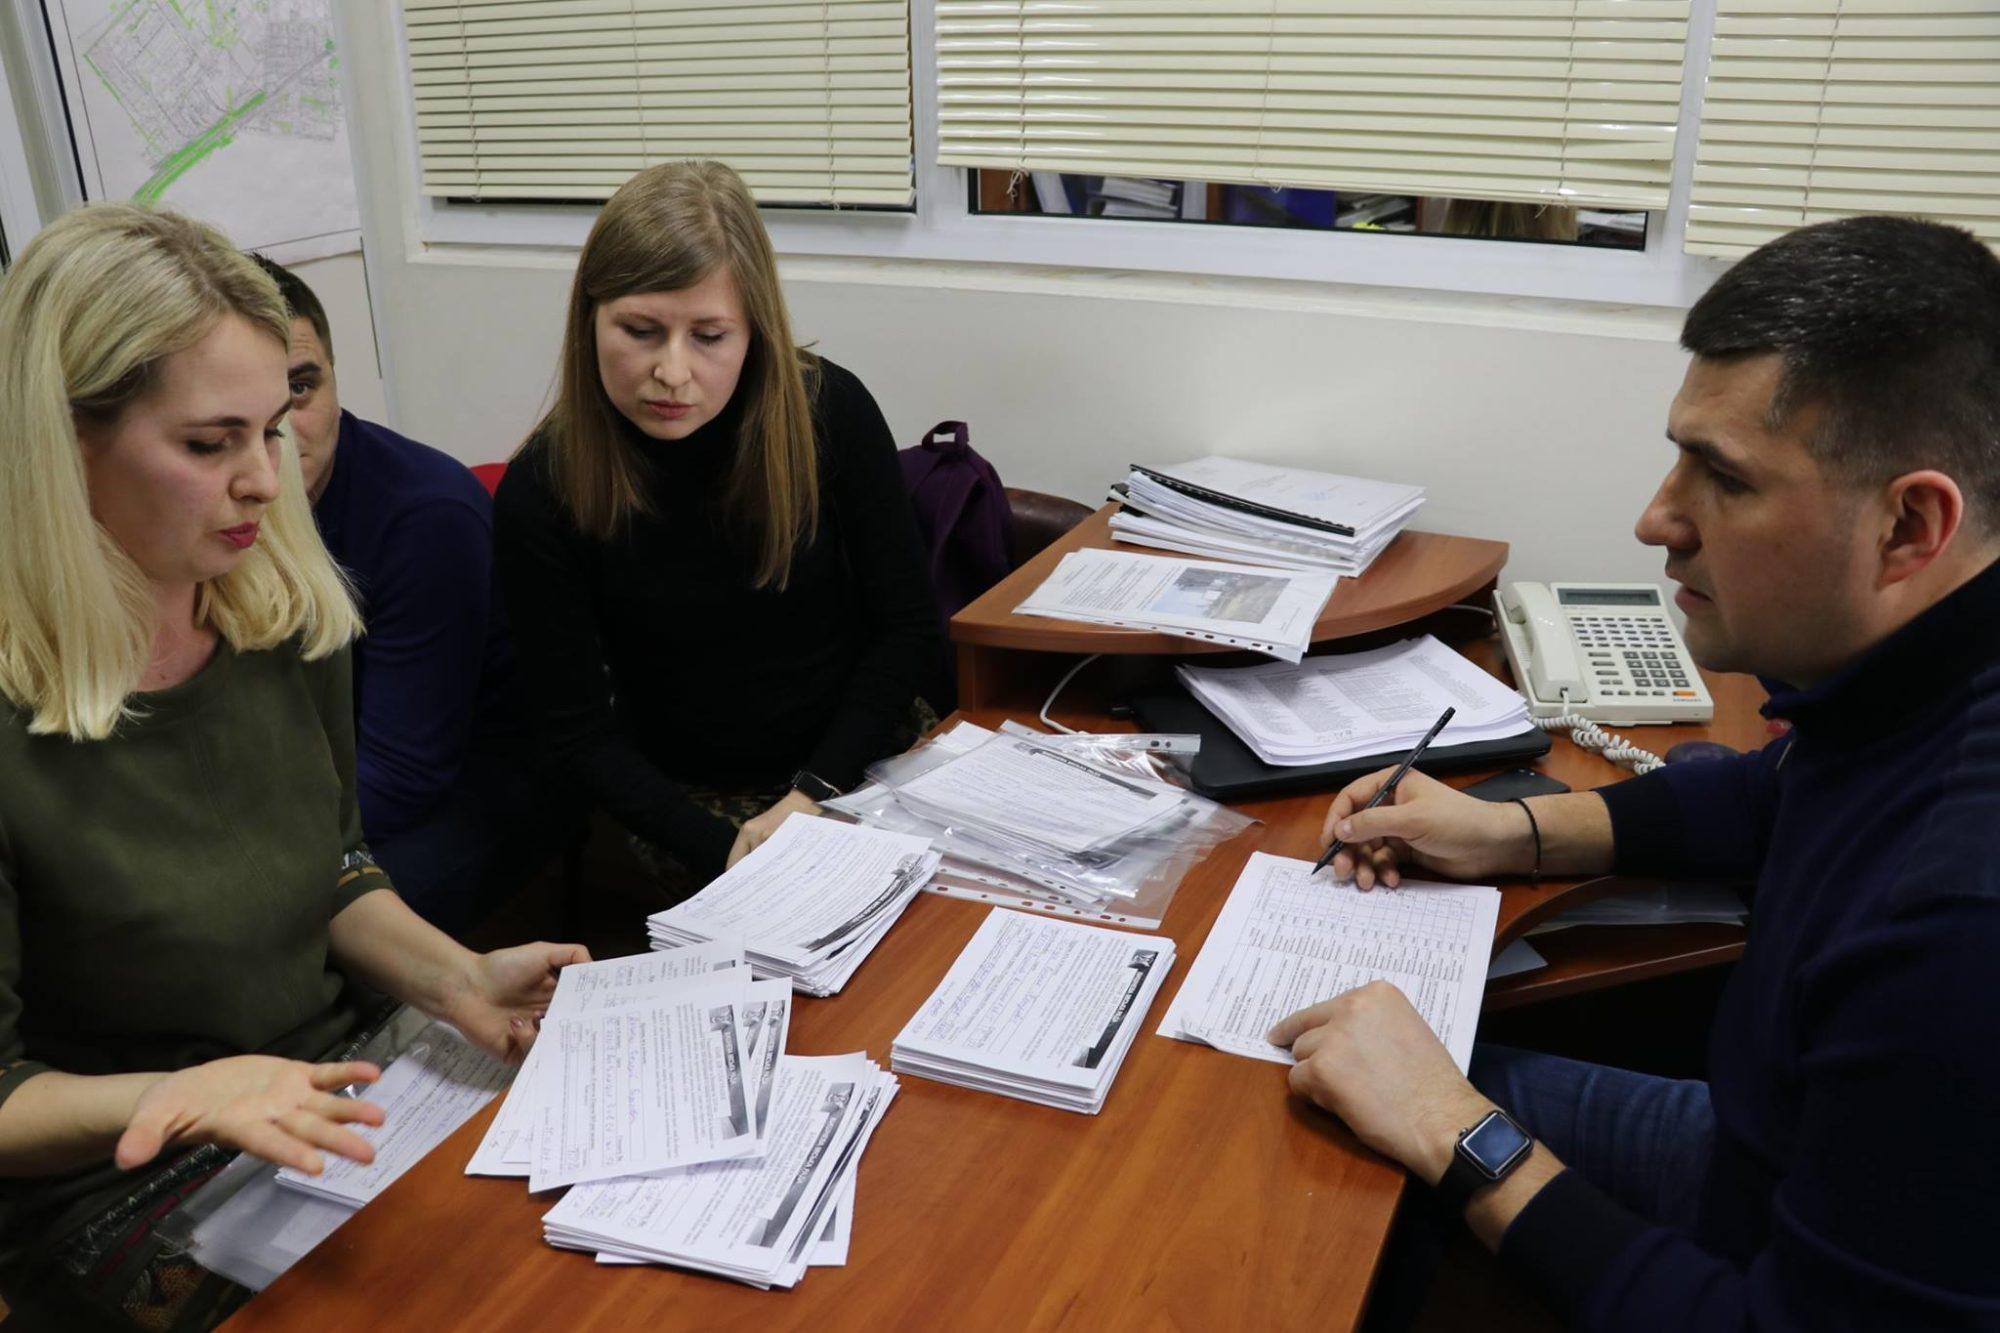 Підрахували: у Вишневому визначили лідерів громадського бюджету -  - 55857640 2290138321259040 8007589781745696768 o 2000x1333